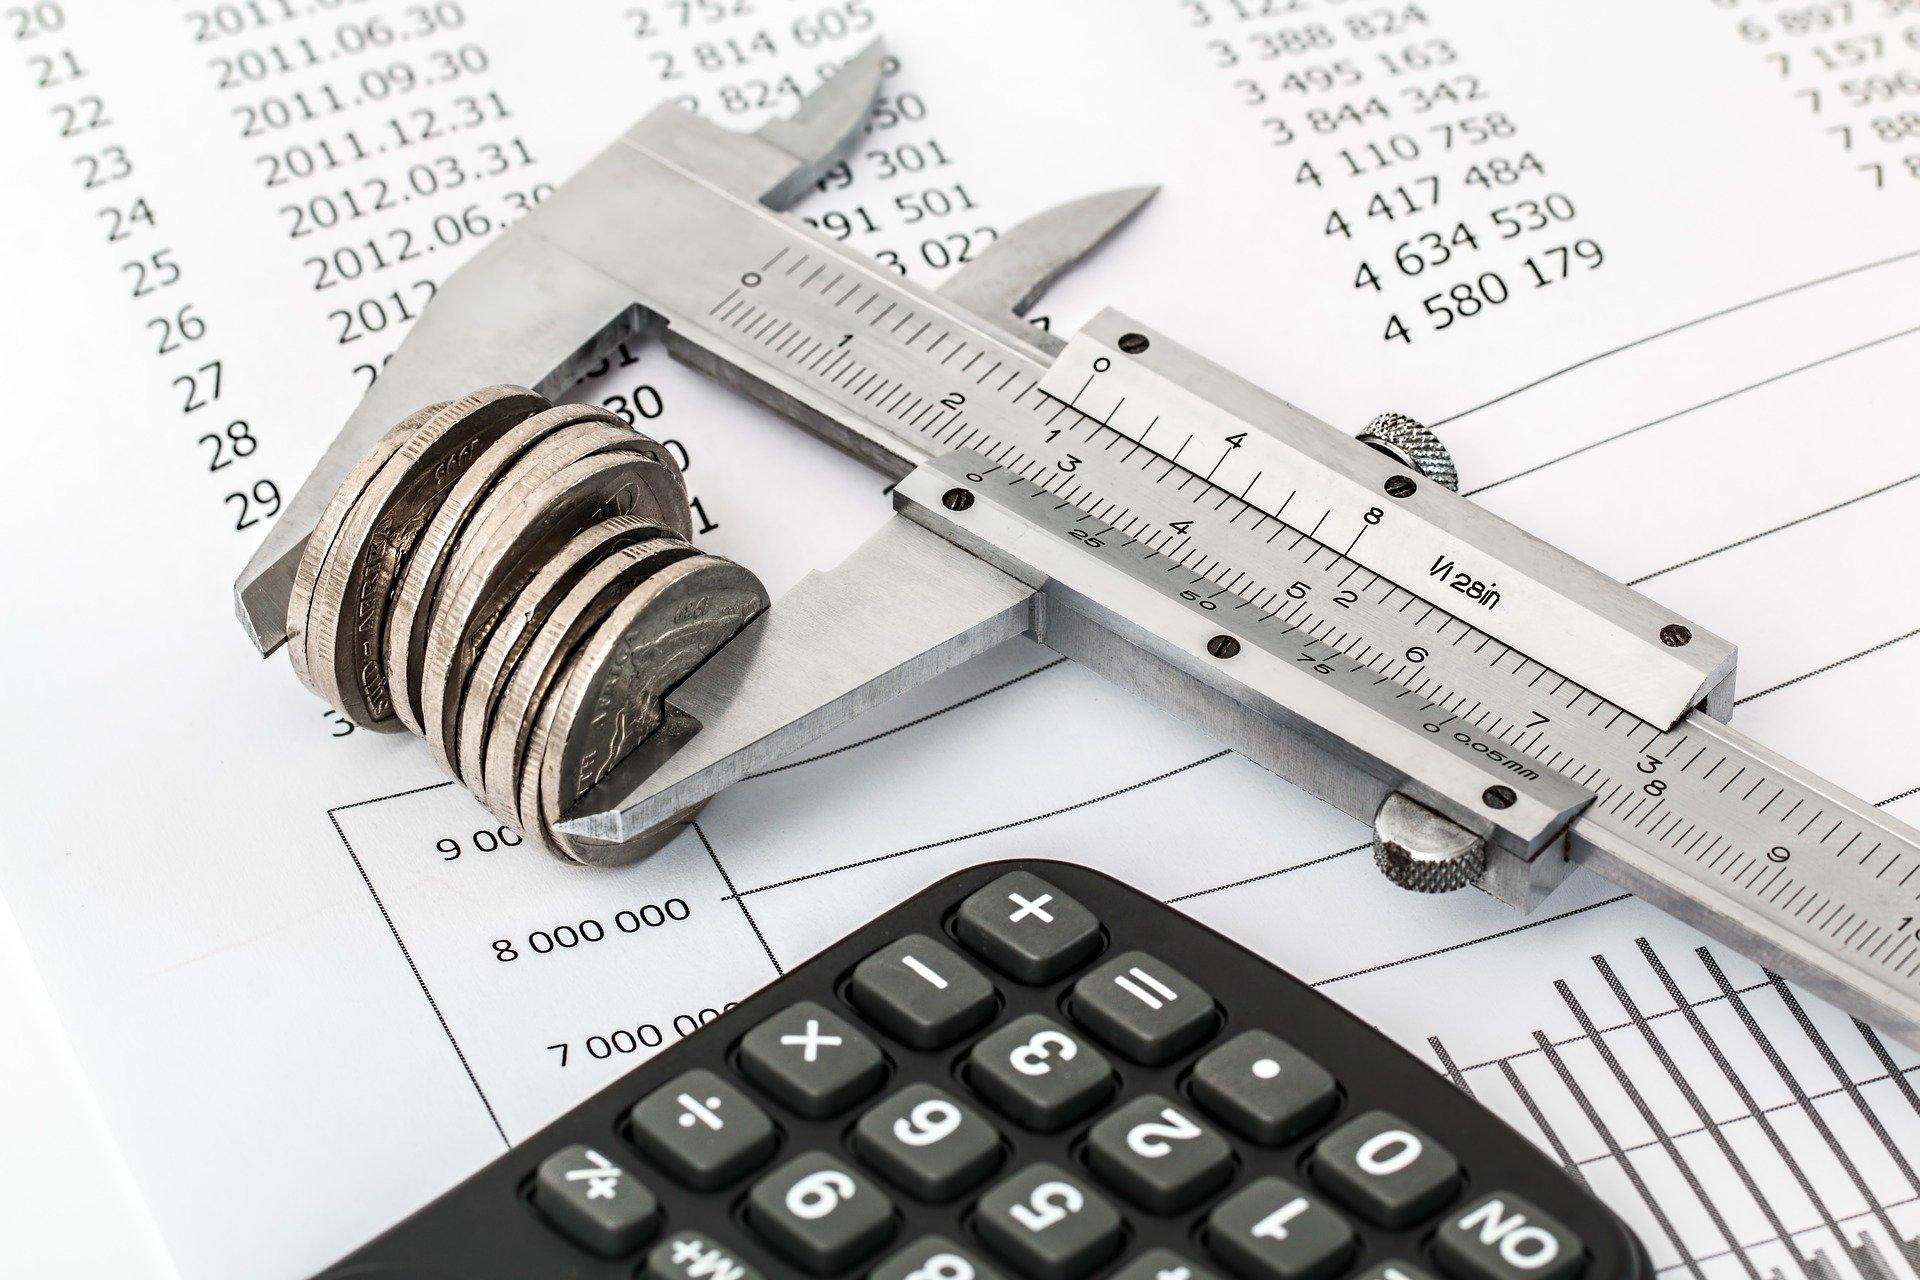 Foto de um papel com contas, em cima temos um equipamento medindo as moedas e uma calculadora preta. Imagem ilustrativa para texto seguro prestamista.